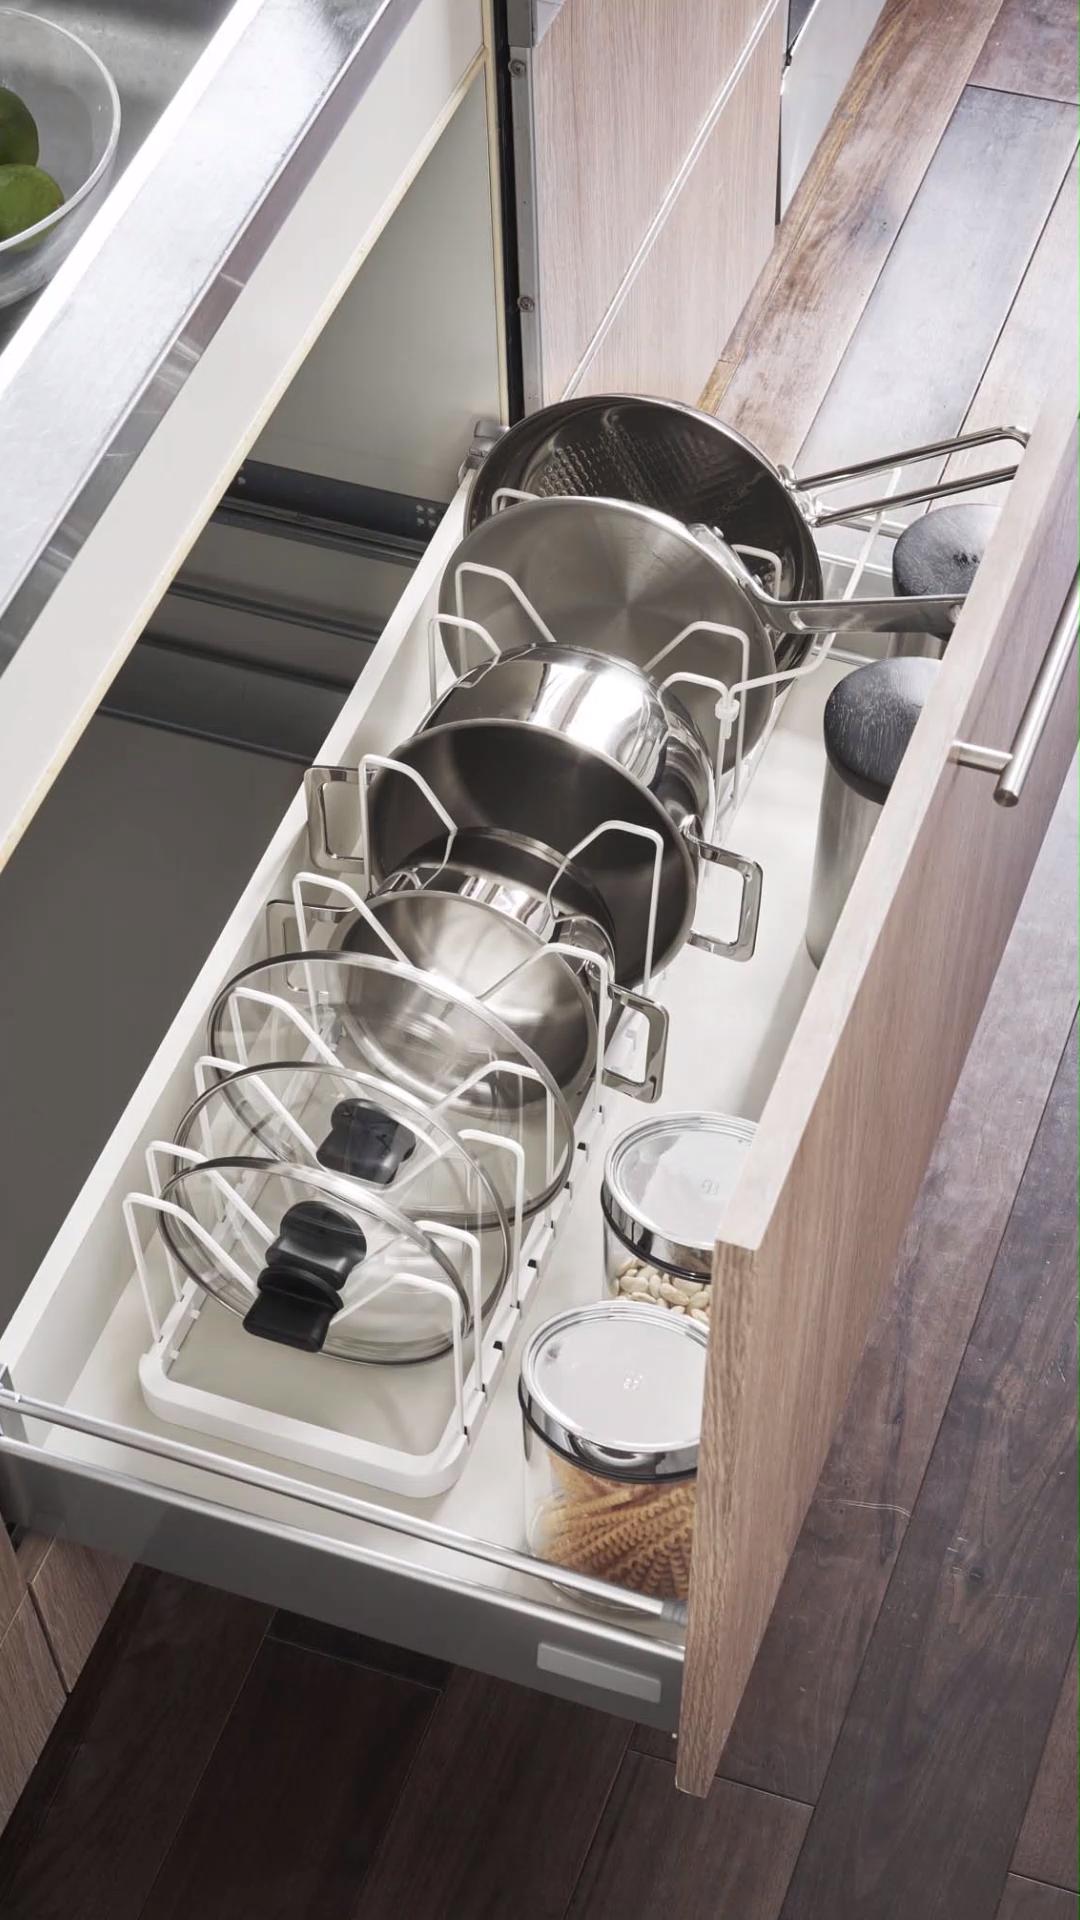 Adjustable Lid Pan Organizer Video Video Kitchen Cupboard Organization Pot Storage Kitchen Drawer Organization